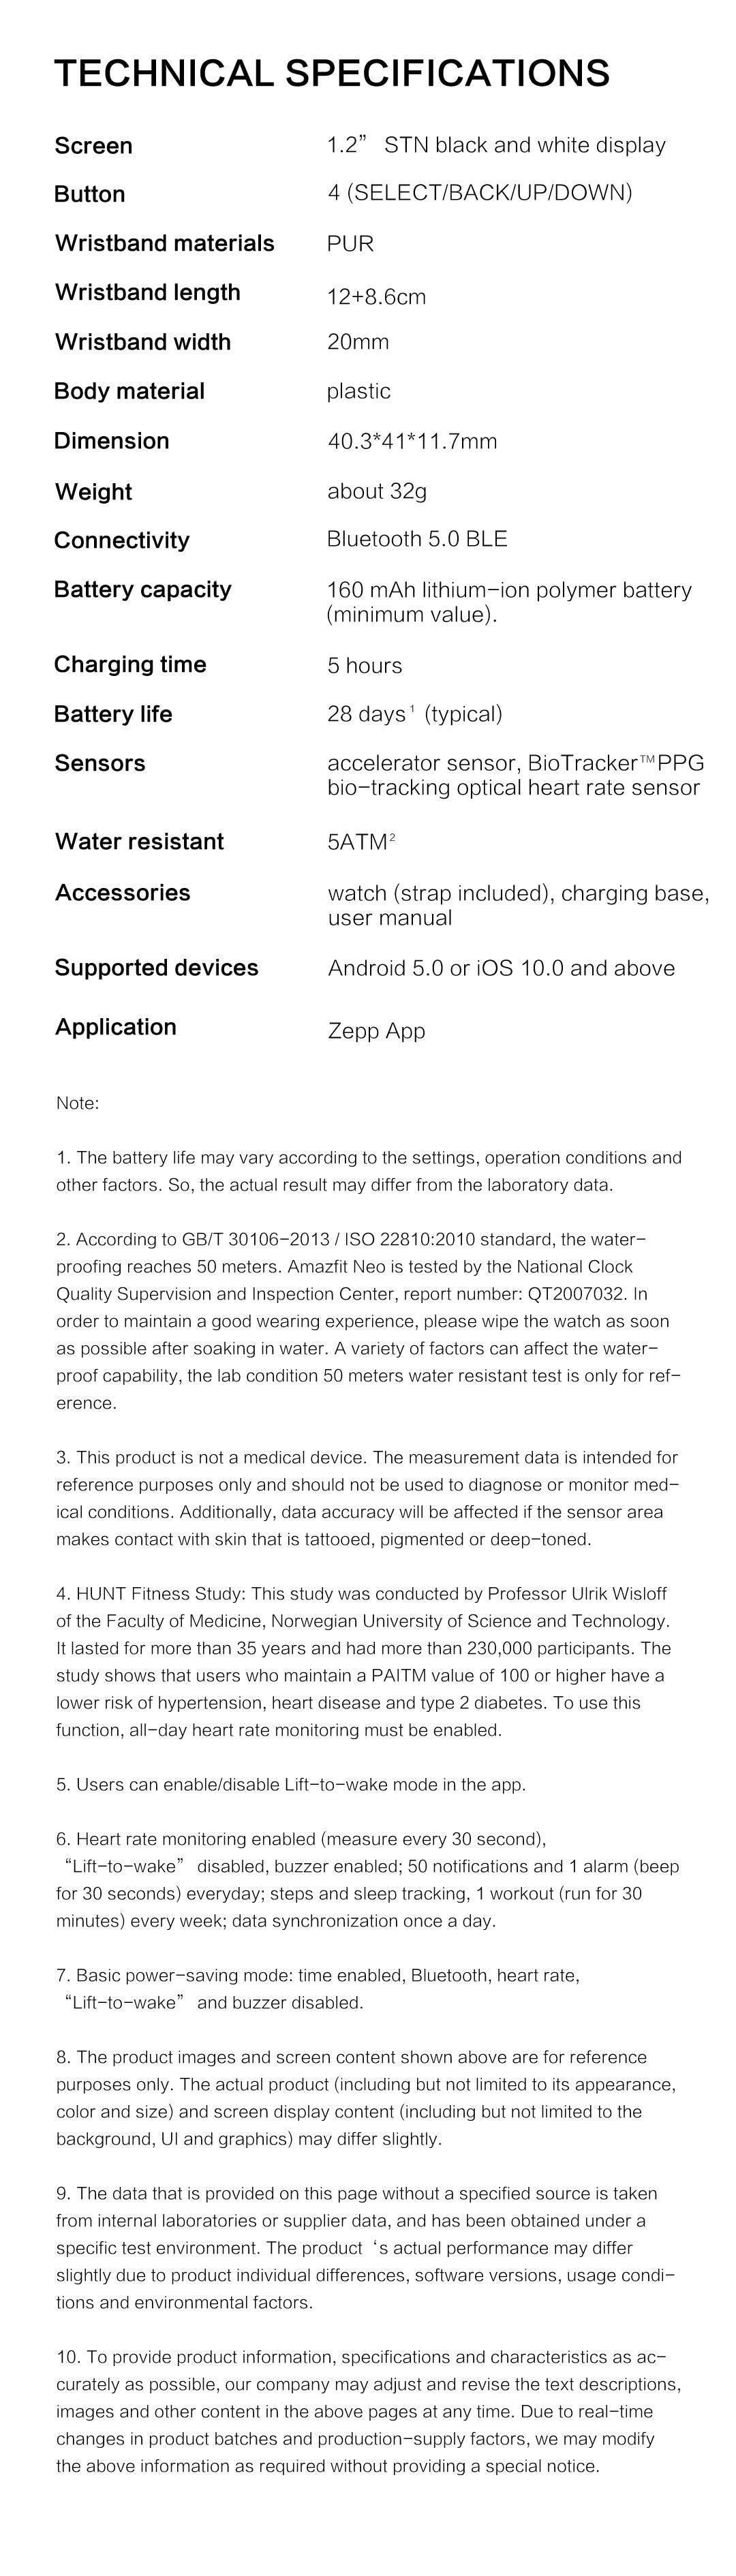 Amazfit Neo Bluetooth Smartwatch 9